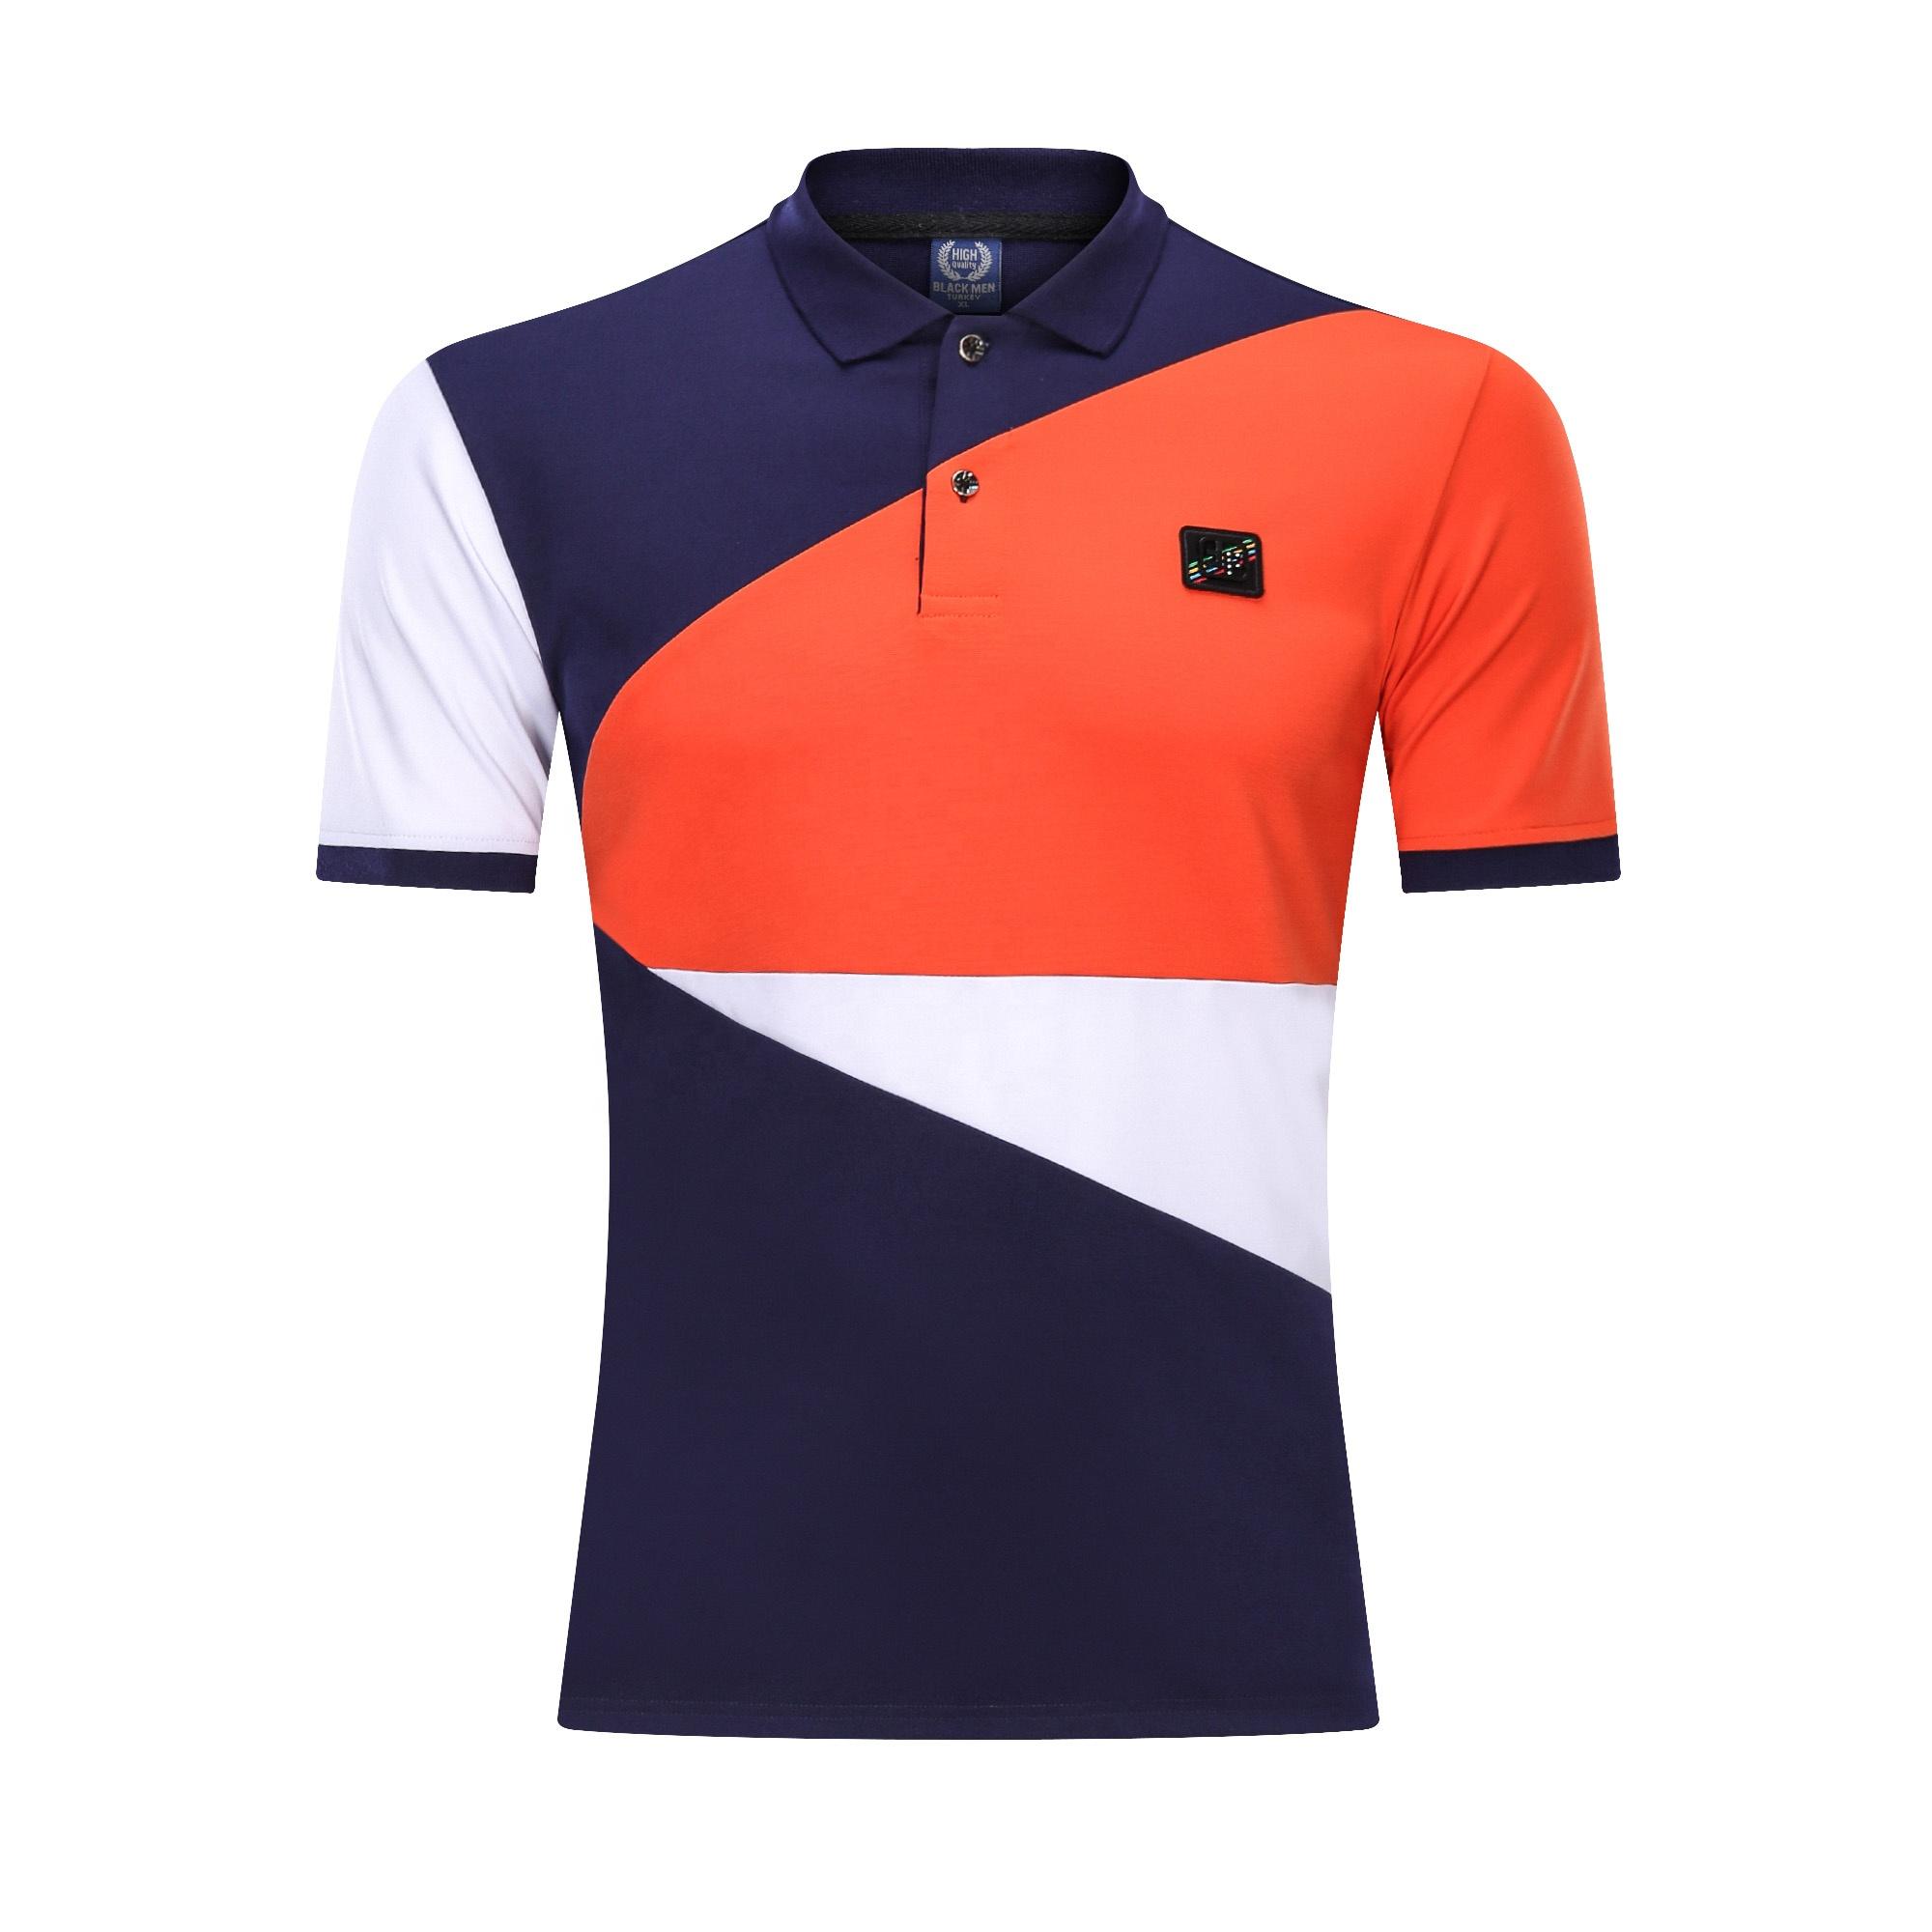 OEM เสื้อยืดที่กำหนดเองแขนสั้นผ้าฝ้ายโพลีเอสเตอร์ Golf เสื้อยืดเย็บปักถักร้อยความคมชัดสีโปโลเสื้อ T